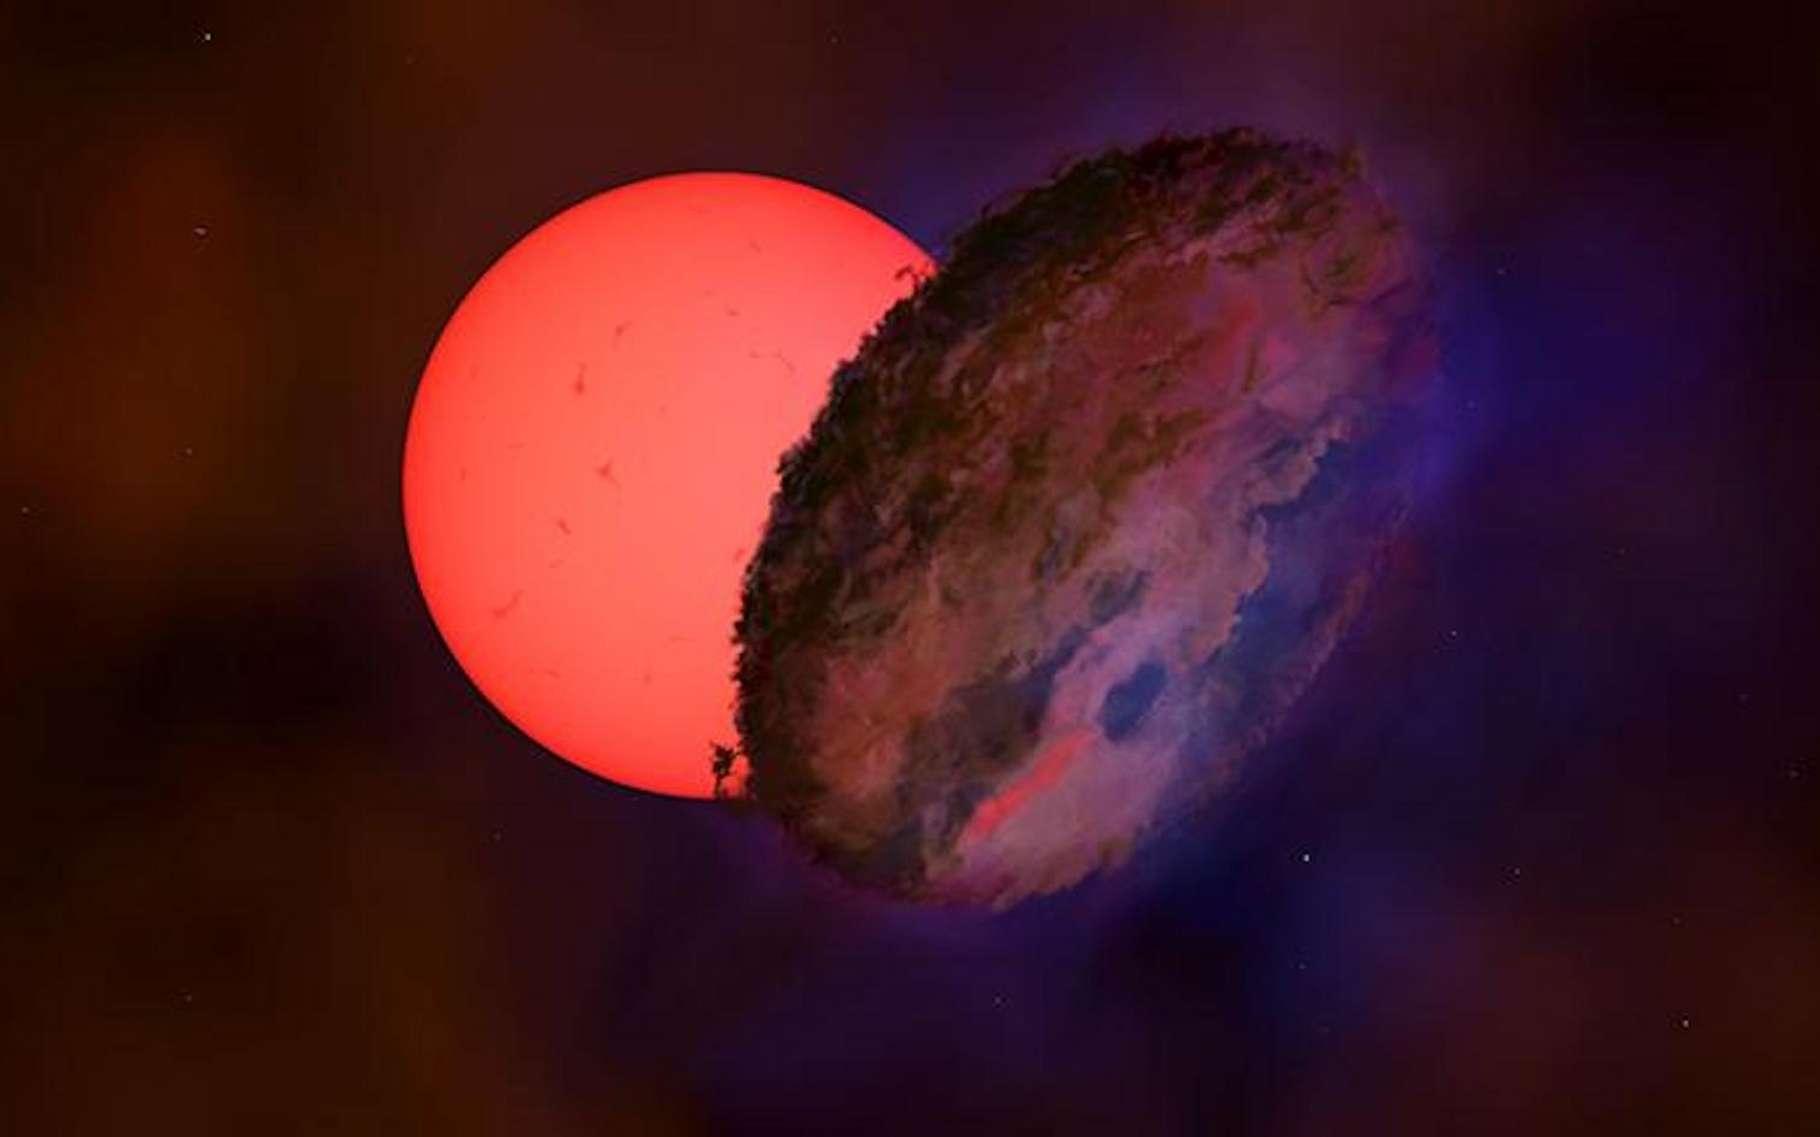 Des astronomes, notamment de l'université de Cambridge (Royaume-Uni), présentent une drôle d'étoile qui a clignoté une fois en 17 ans d'observation. Ils imaginent qu'un objet nous l'a momentanément cachée. © Université de Cambridge